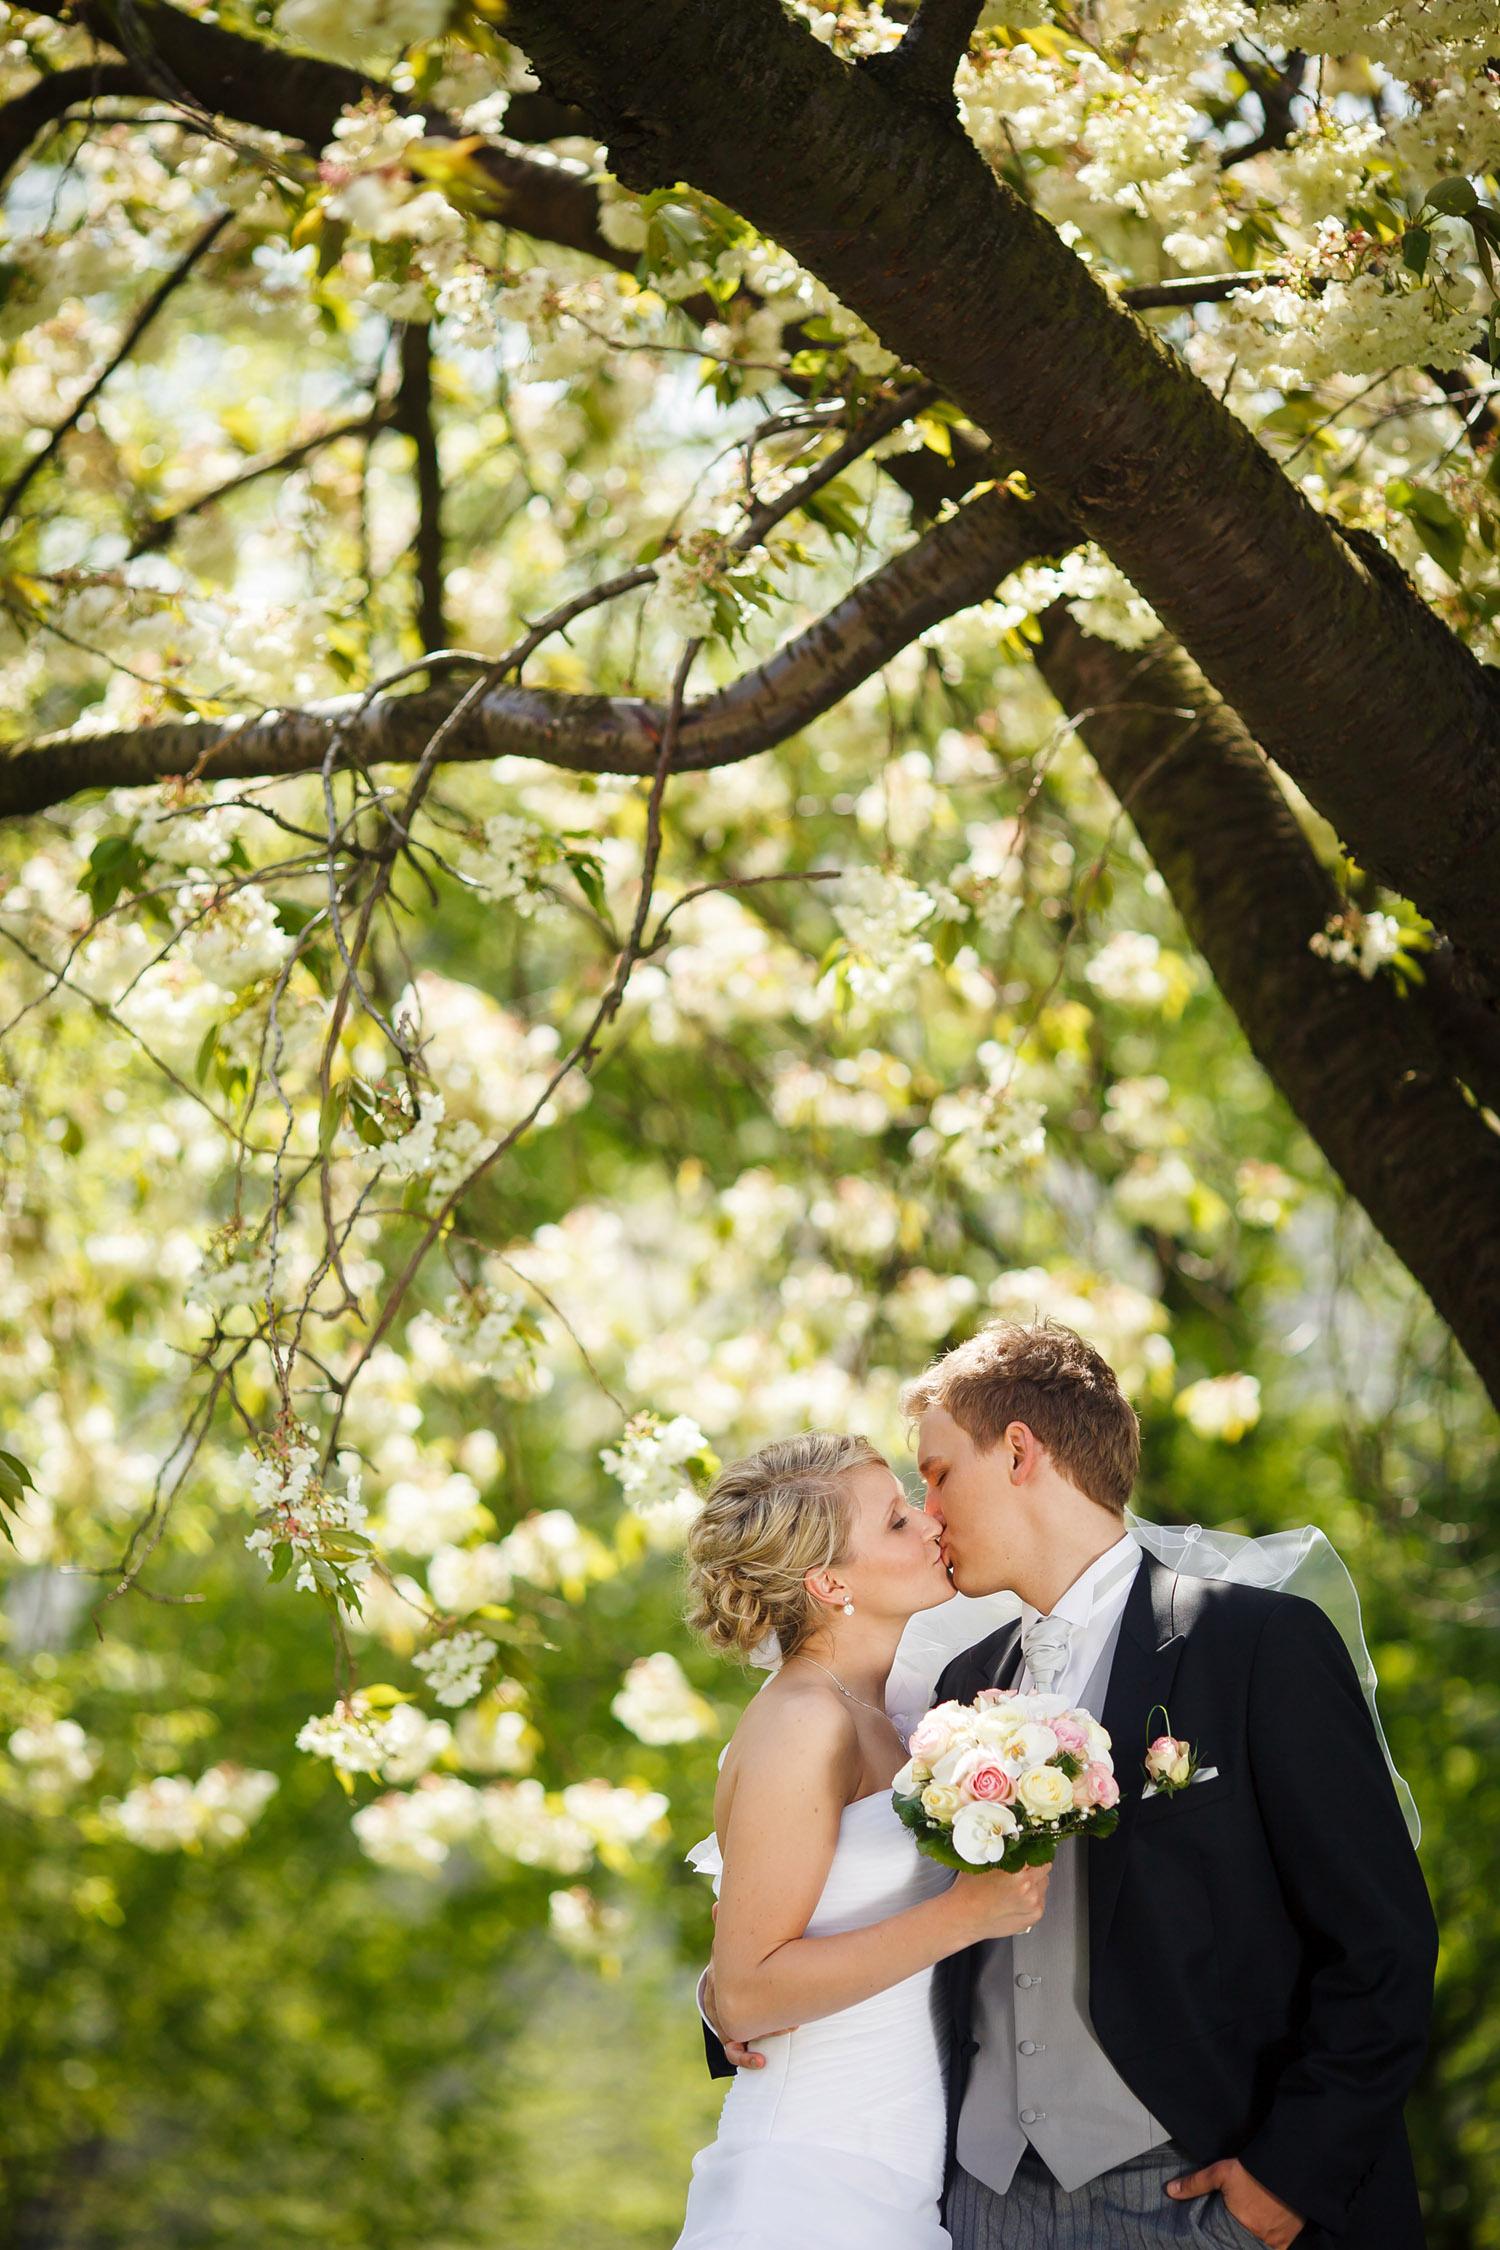 Hochzeit-067.jpg